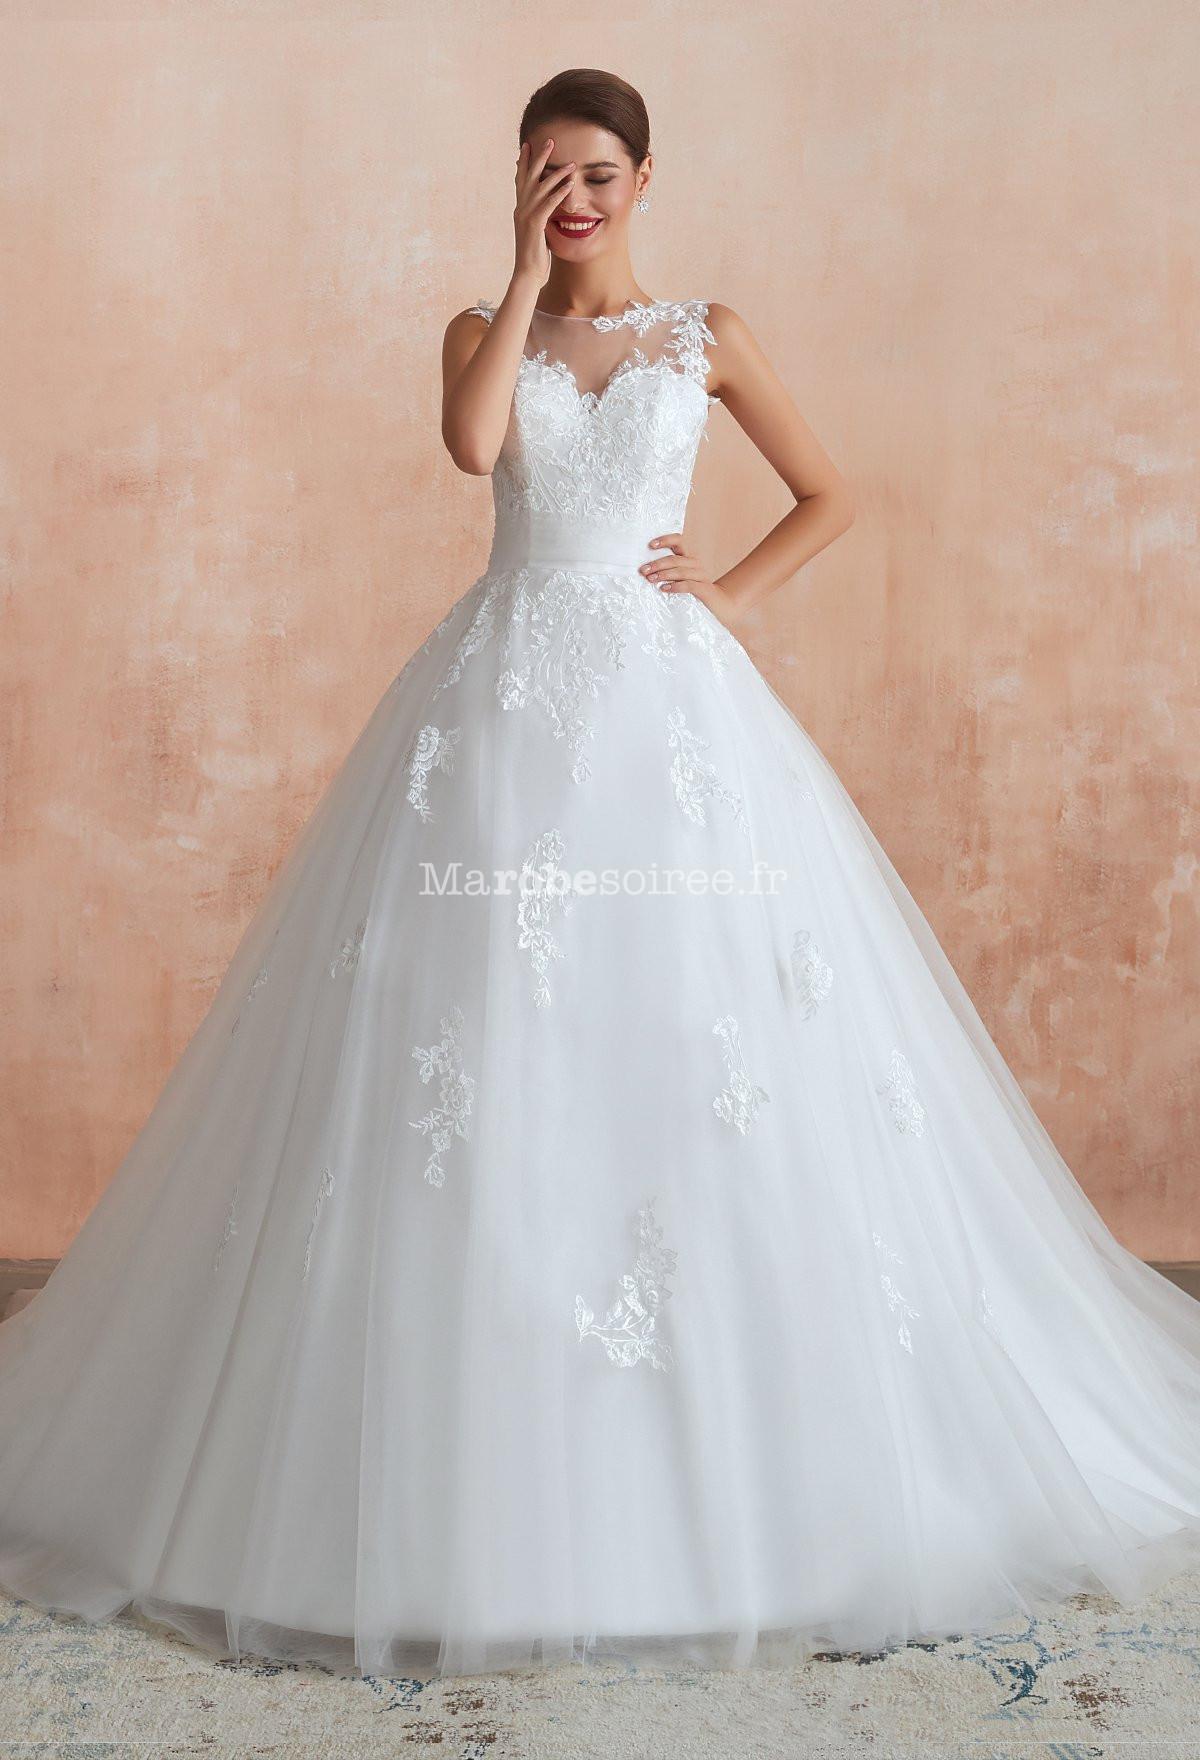 Robe de mariée princesse avec traine